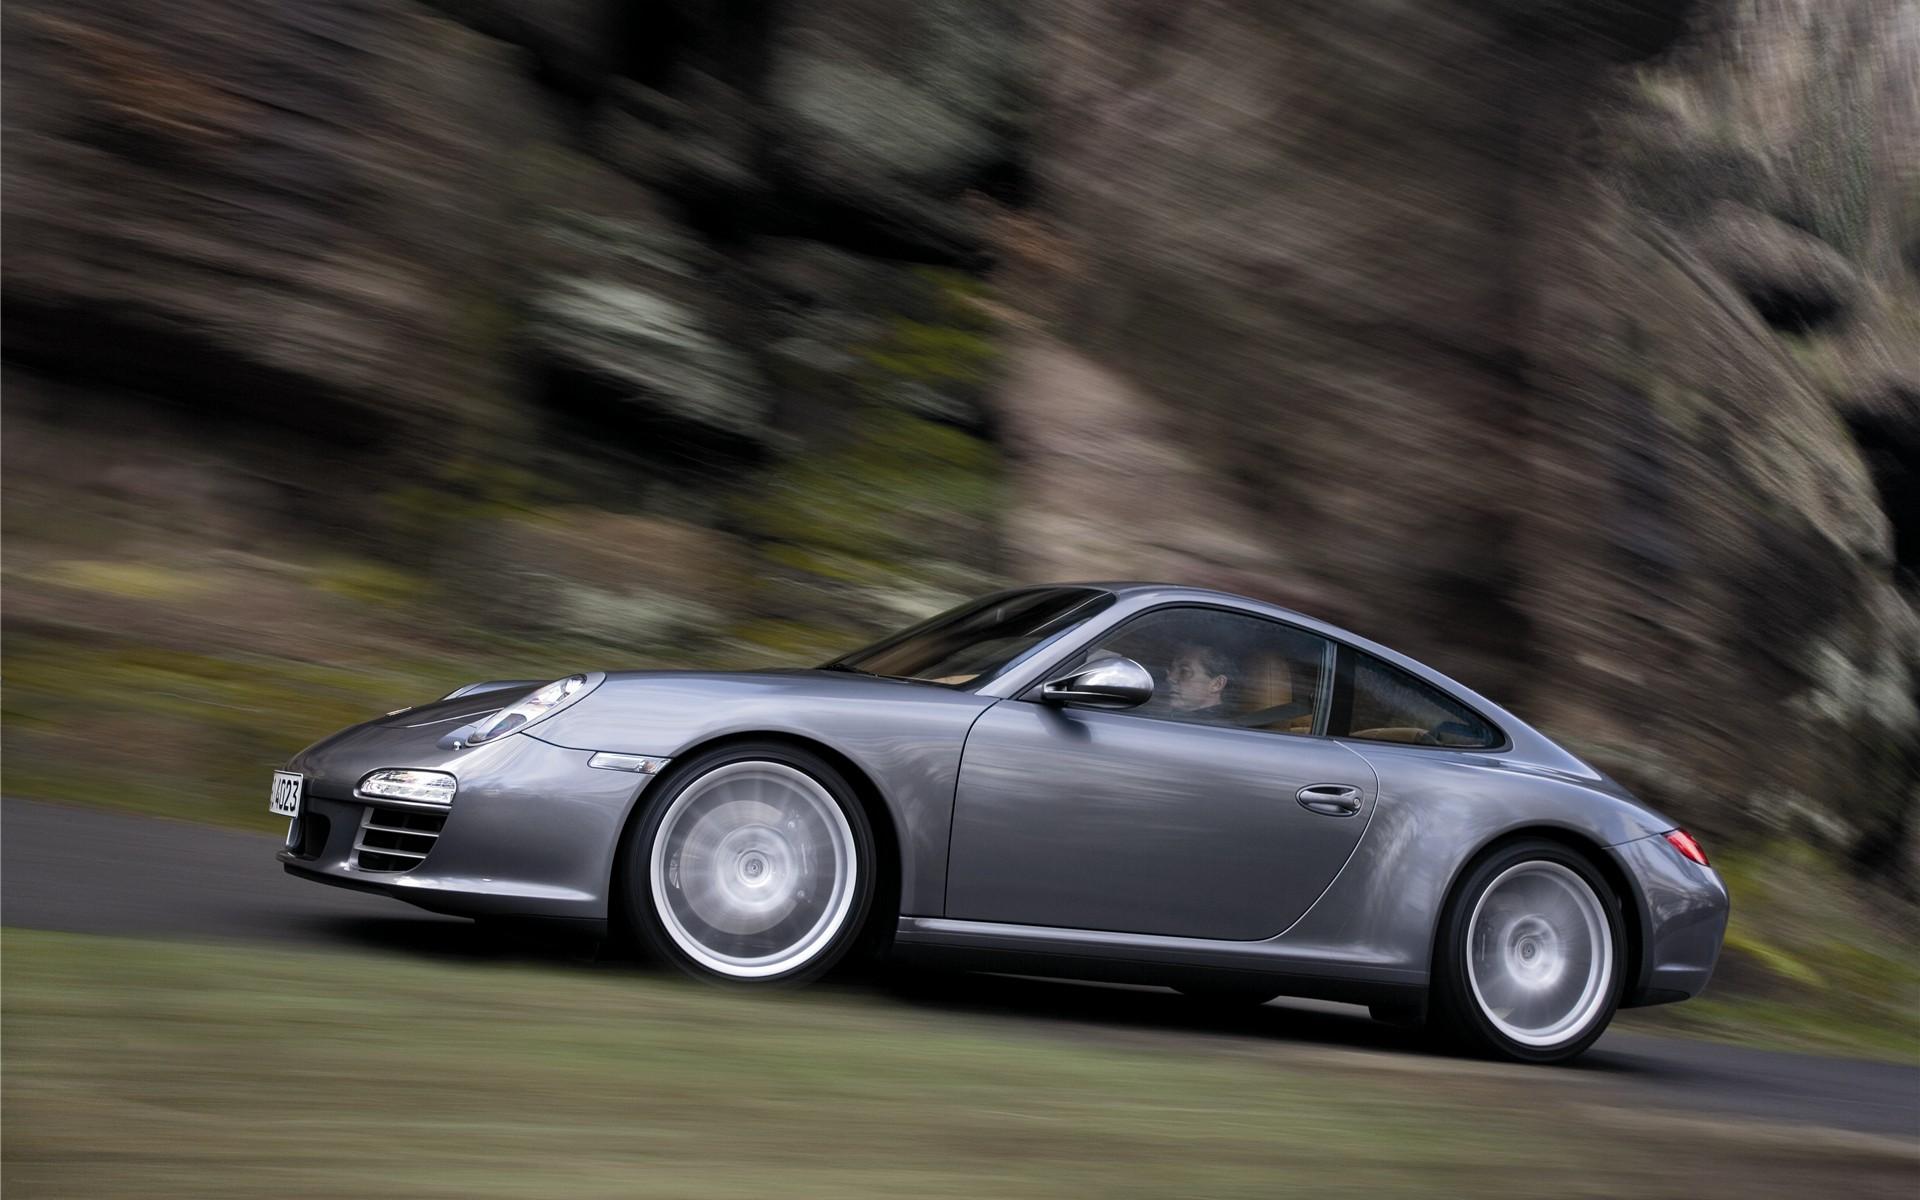 Porsche 911 Carrera 4 4S Widescreen 03